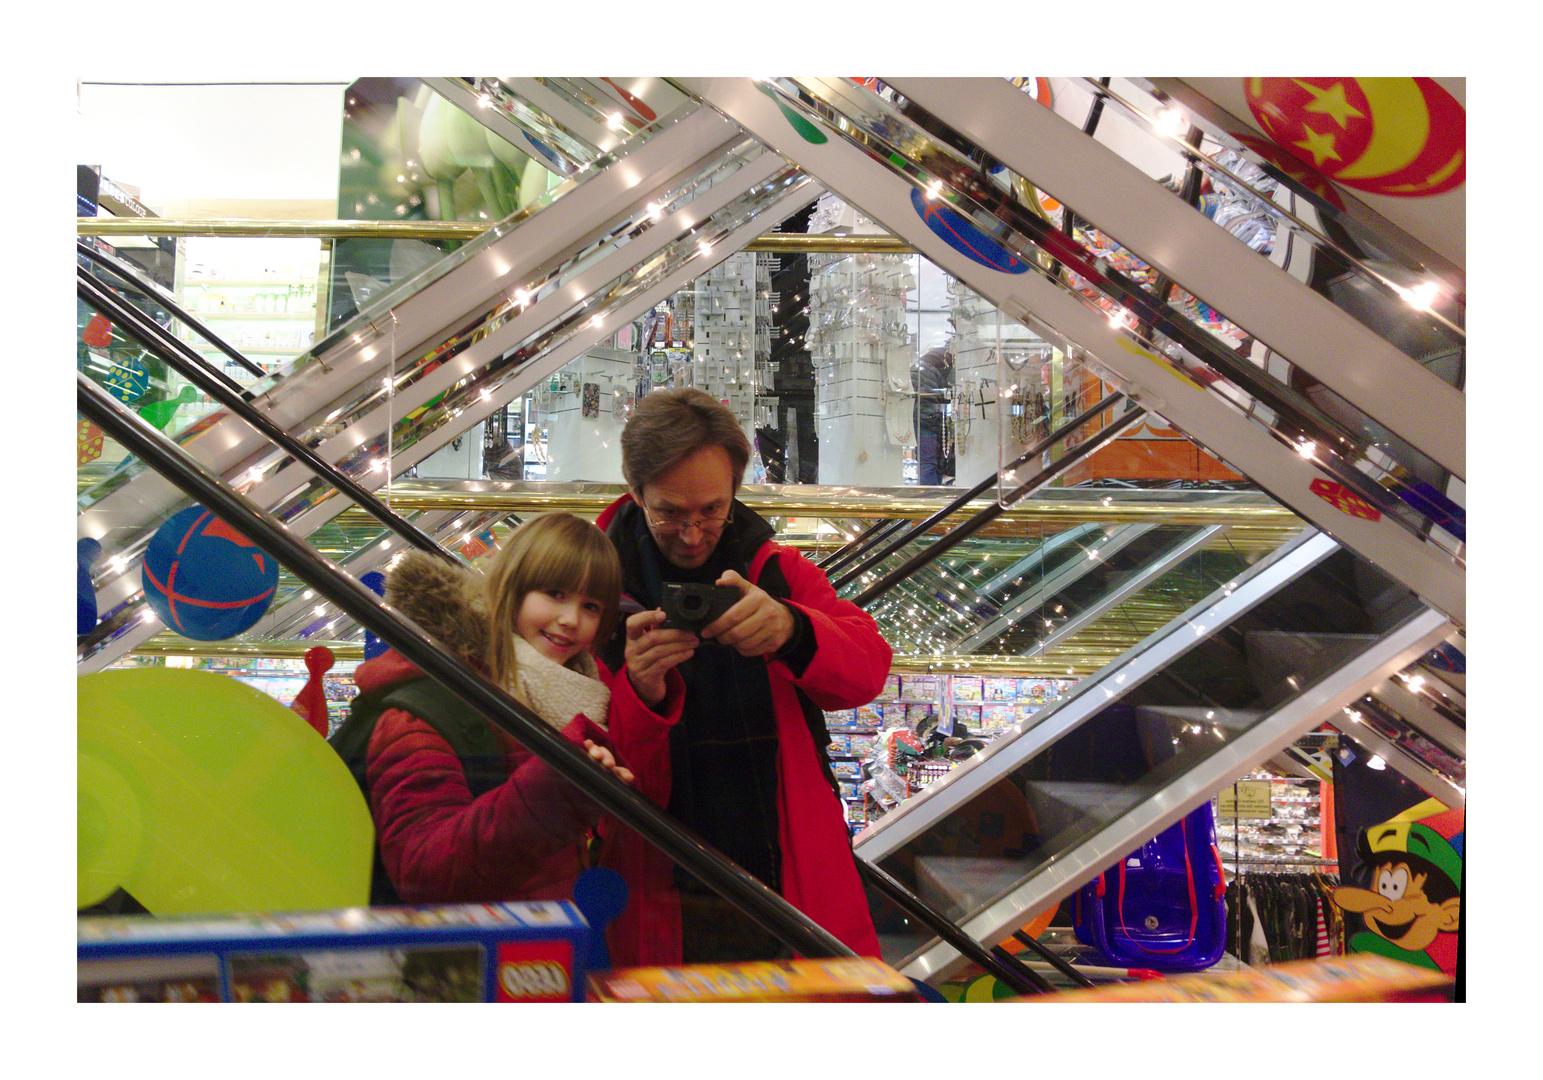 mit Tochter im Spielzeugladen